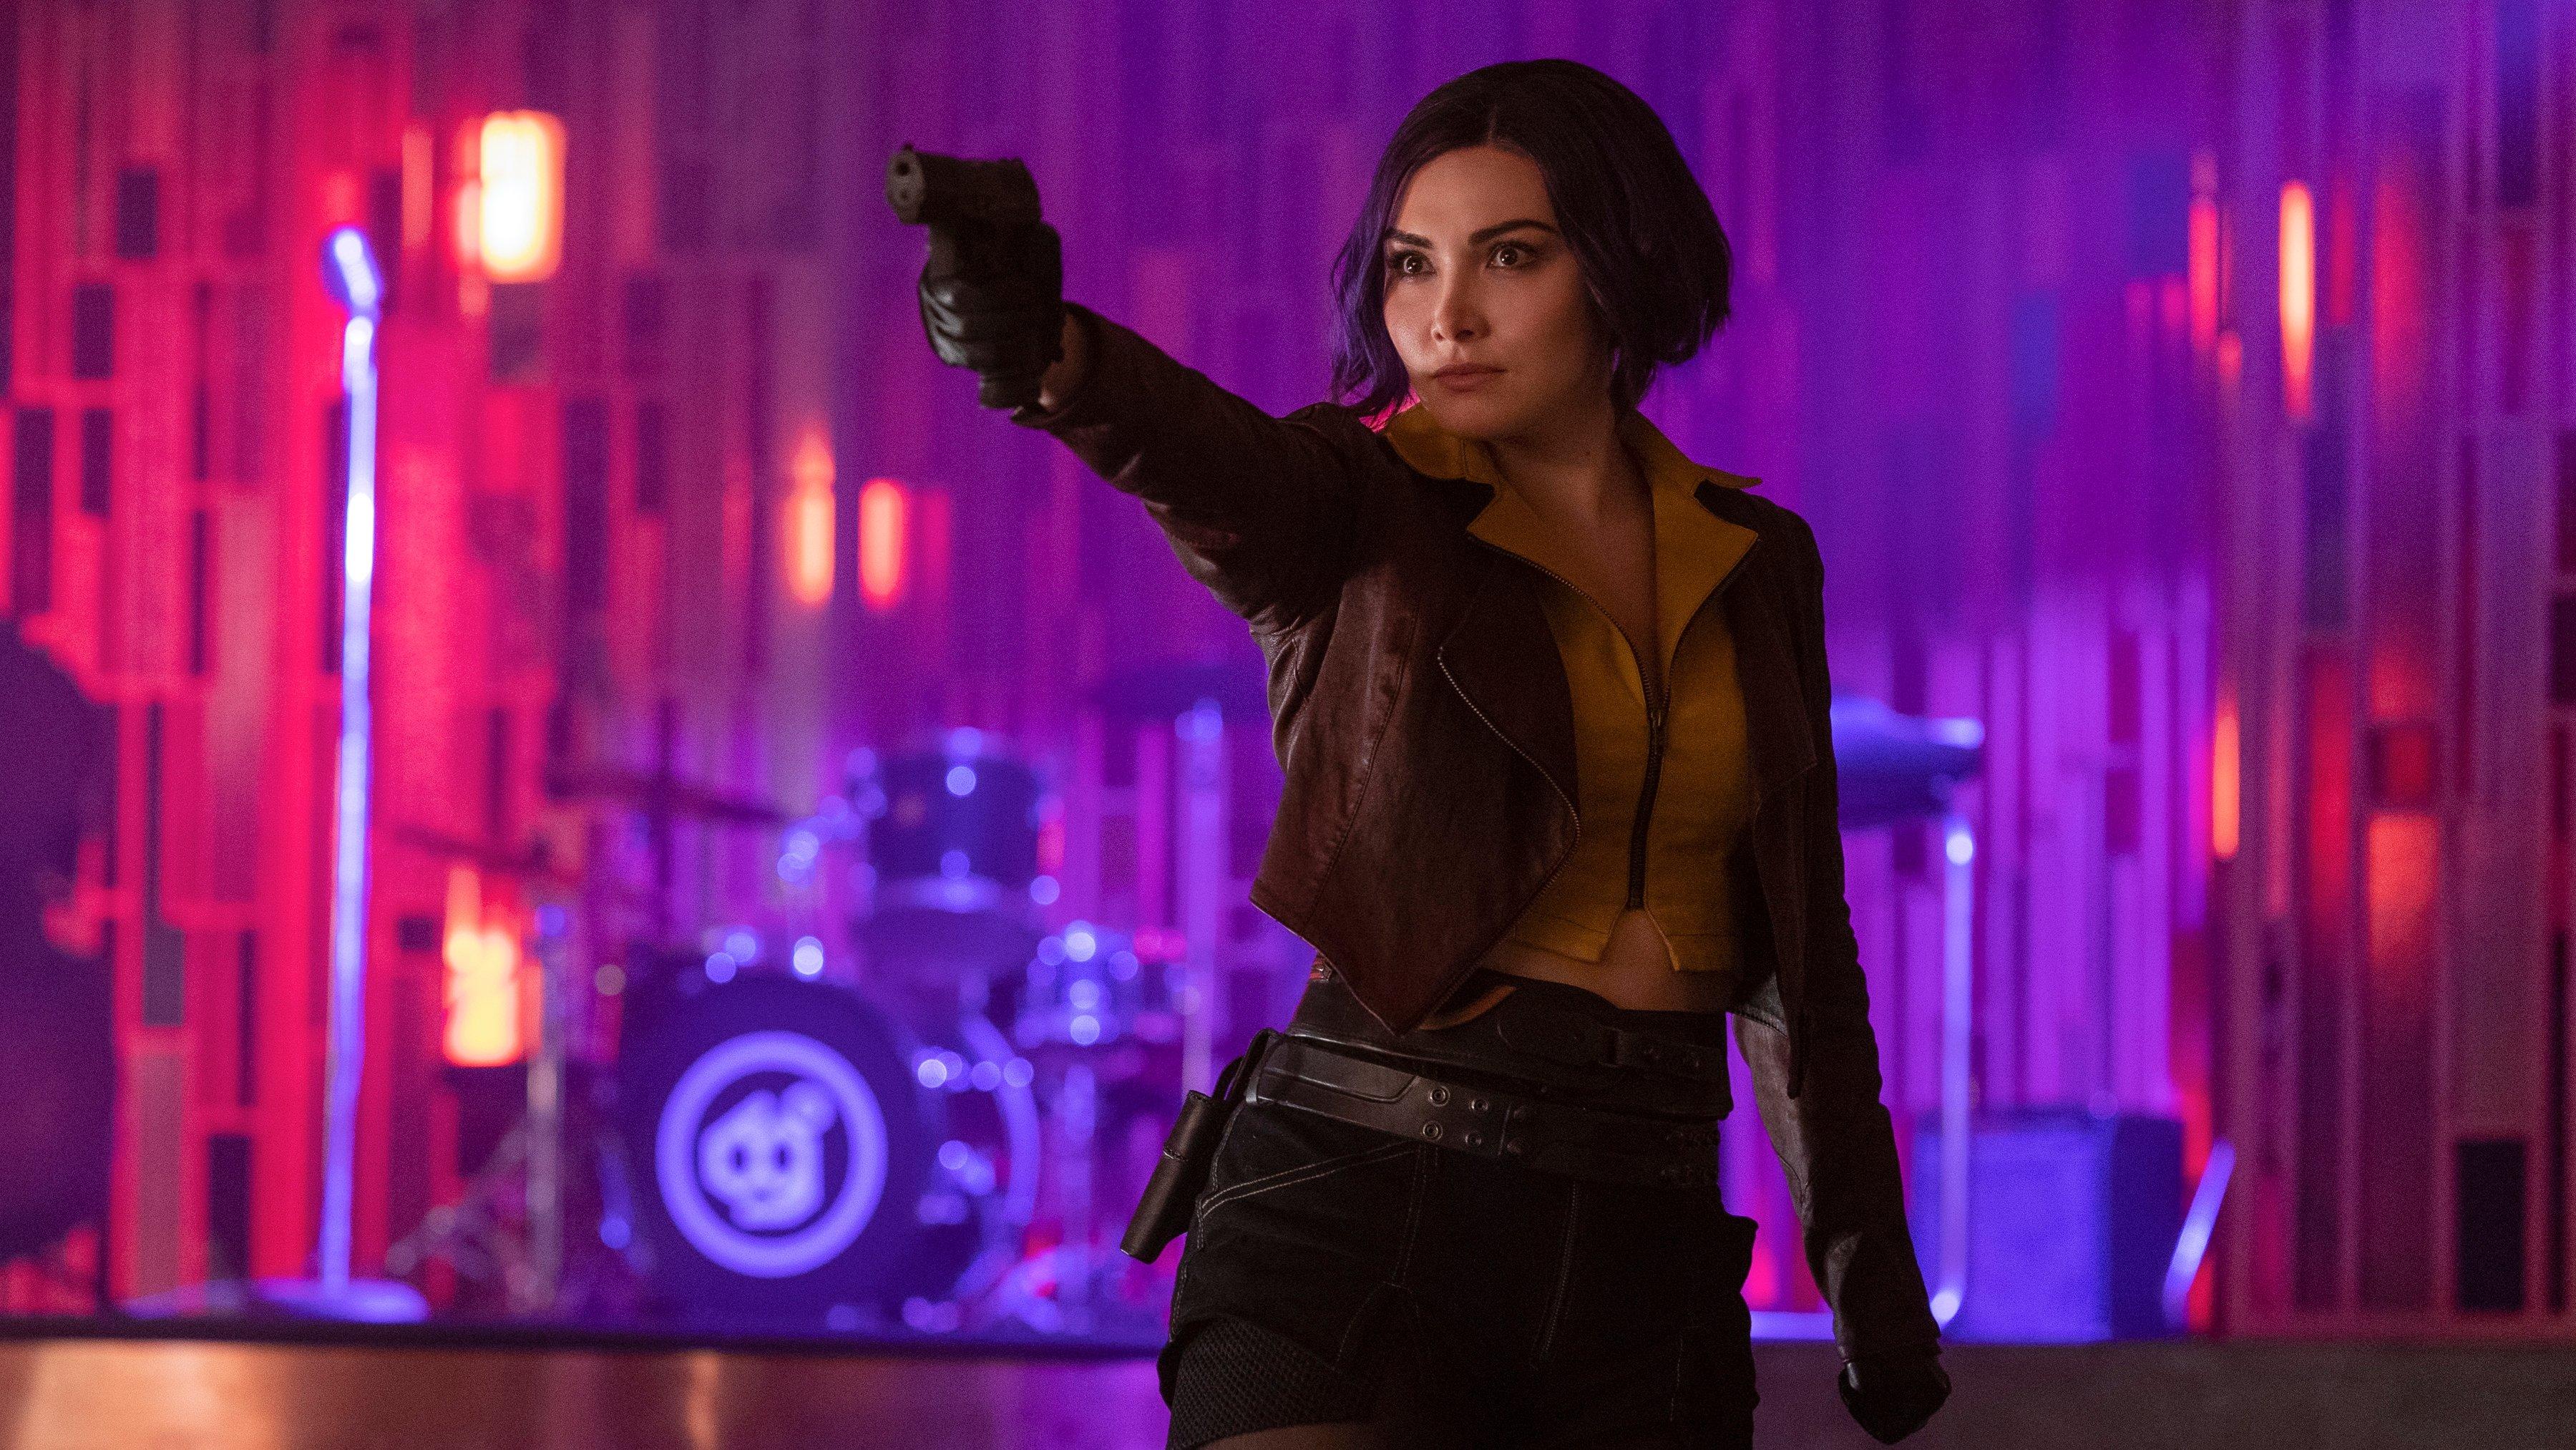 Faye Valentine apuntando con un arma en la distancia